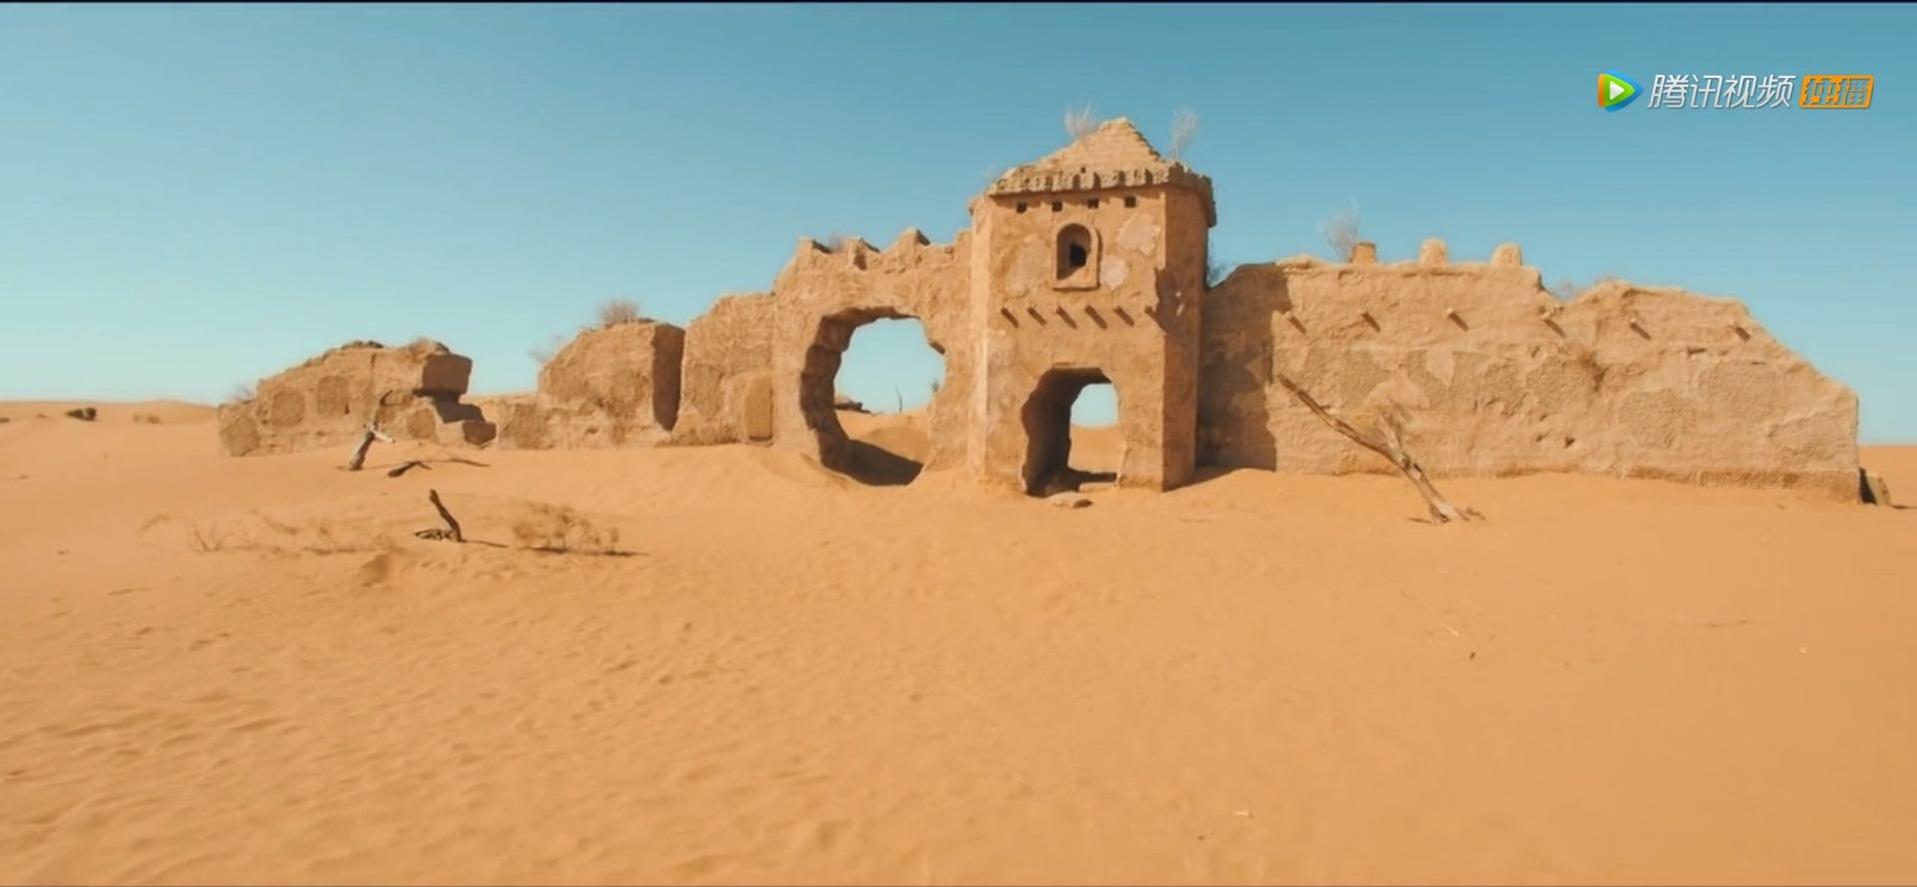 这些细节告诉你《沙海》的制作有多棒的照片 - 7